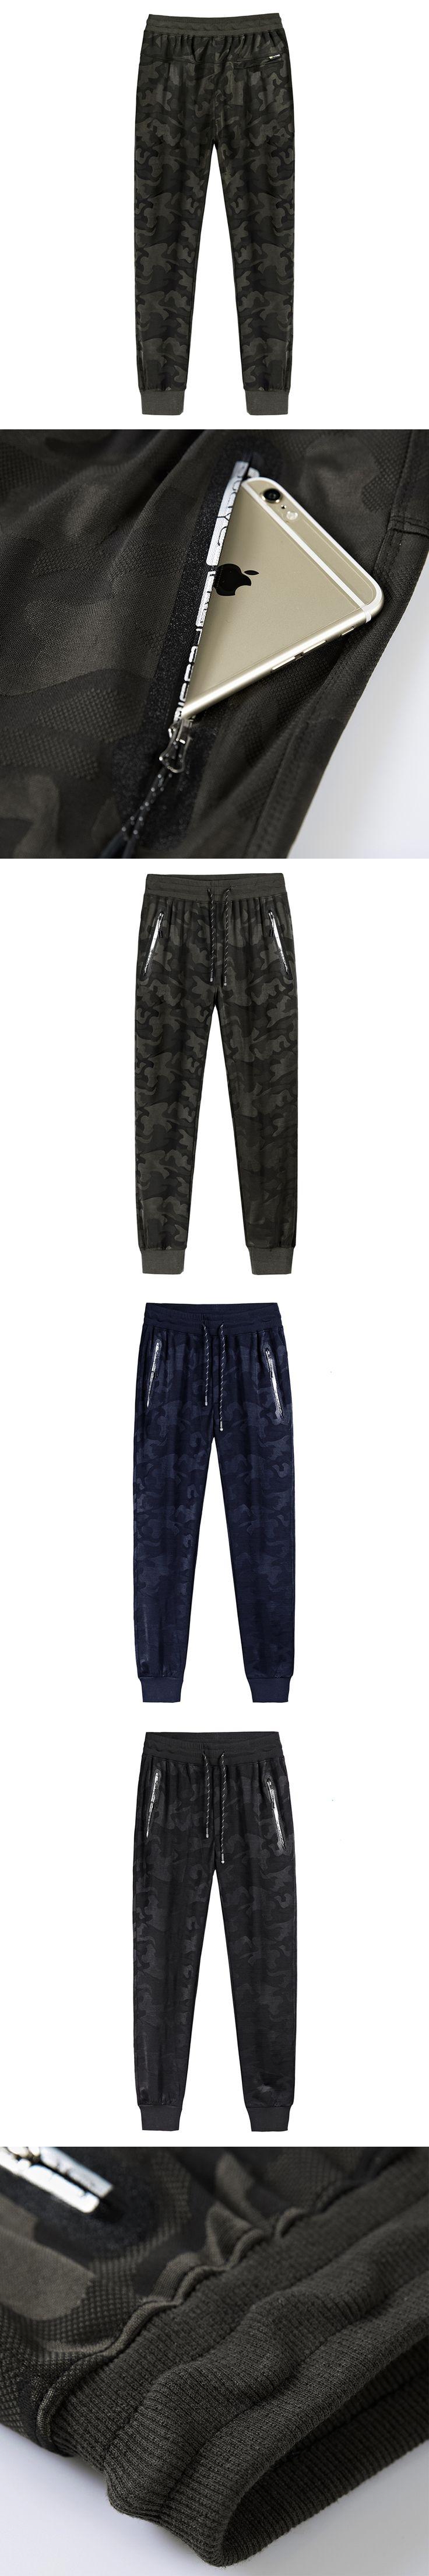 Grande taille 8 Militaire Jogger Pantalon Hommes 2017 Coton Hommes Printemps Crayon Harem Pantalon Hommes Confortable Pantalon